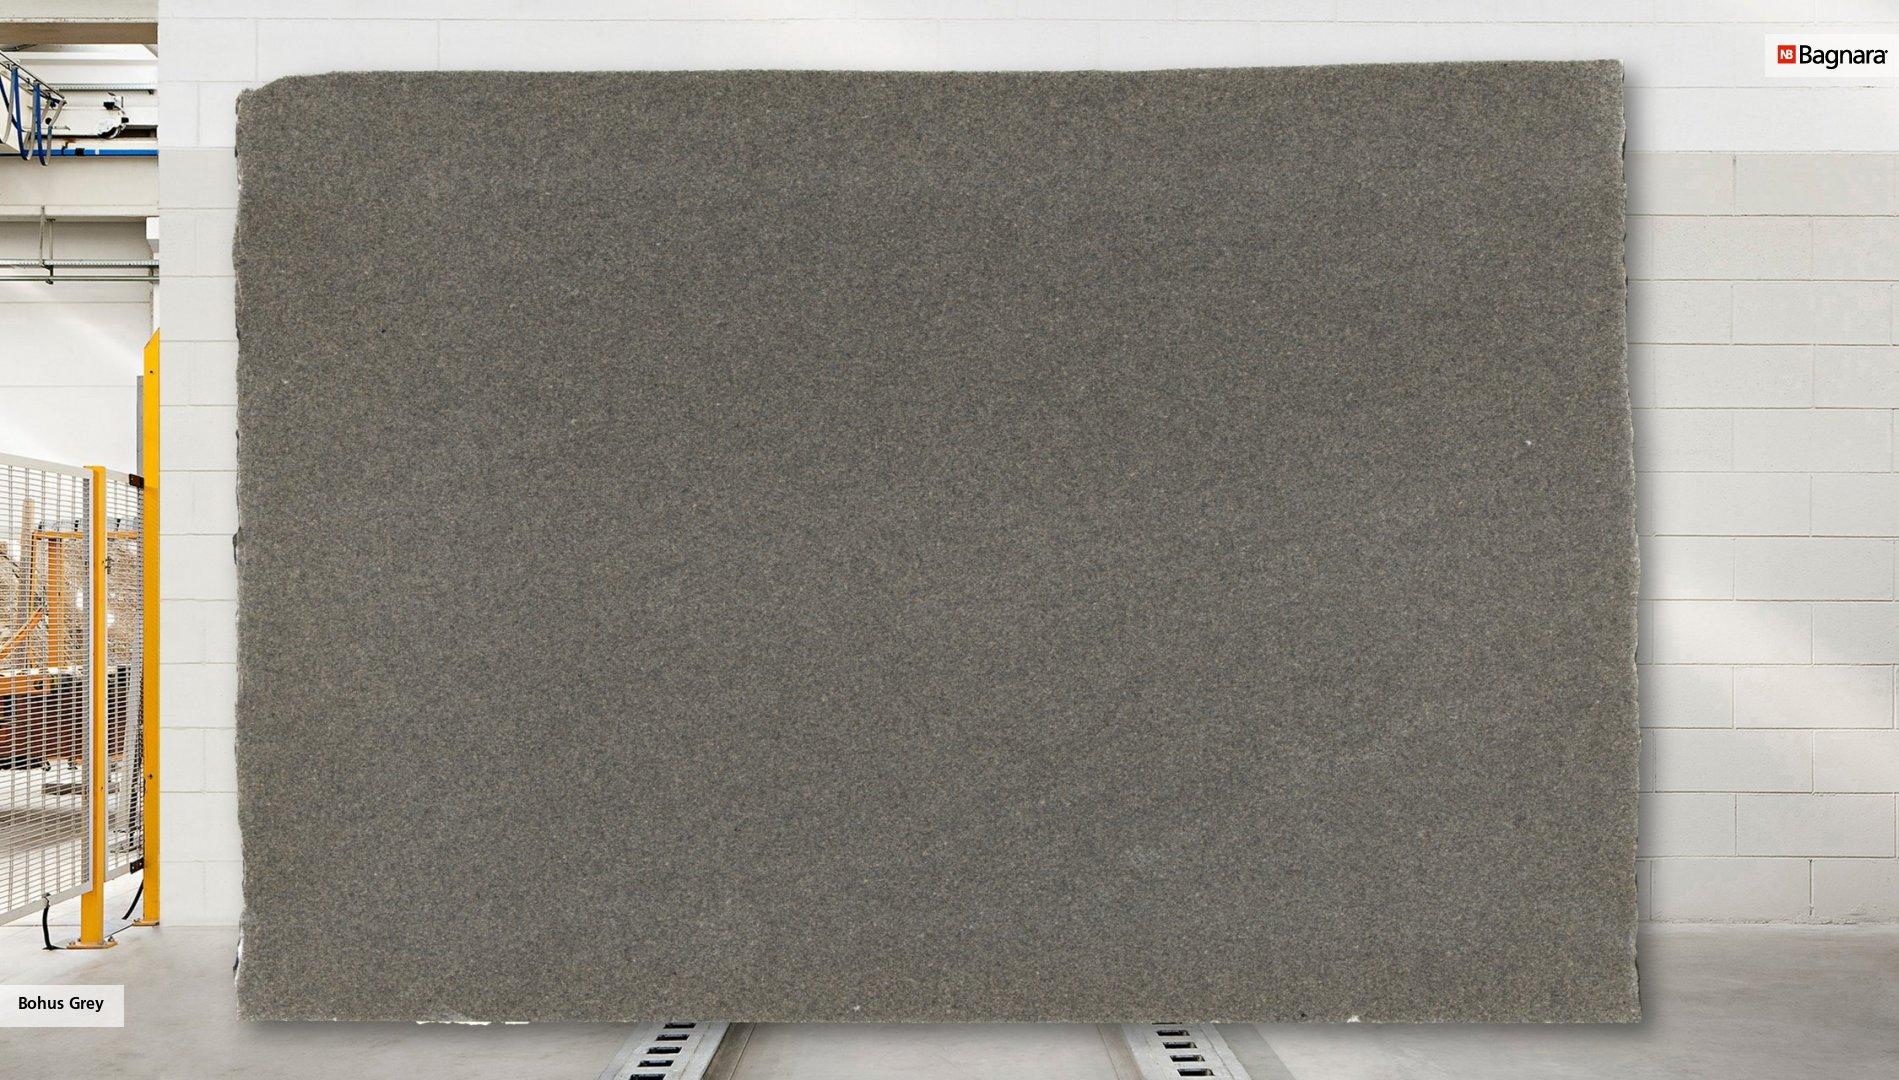 Bohus Grey Material Catalog Bagnara